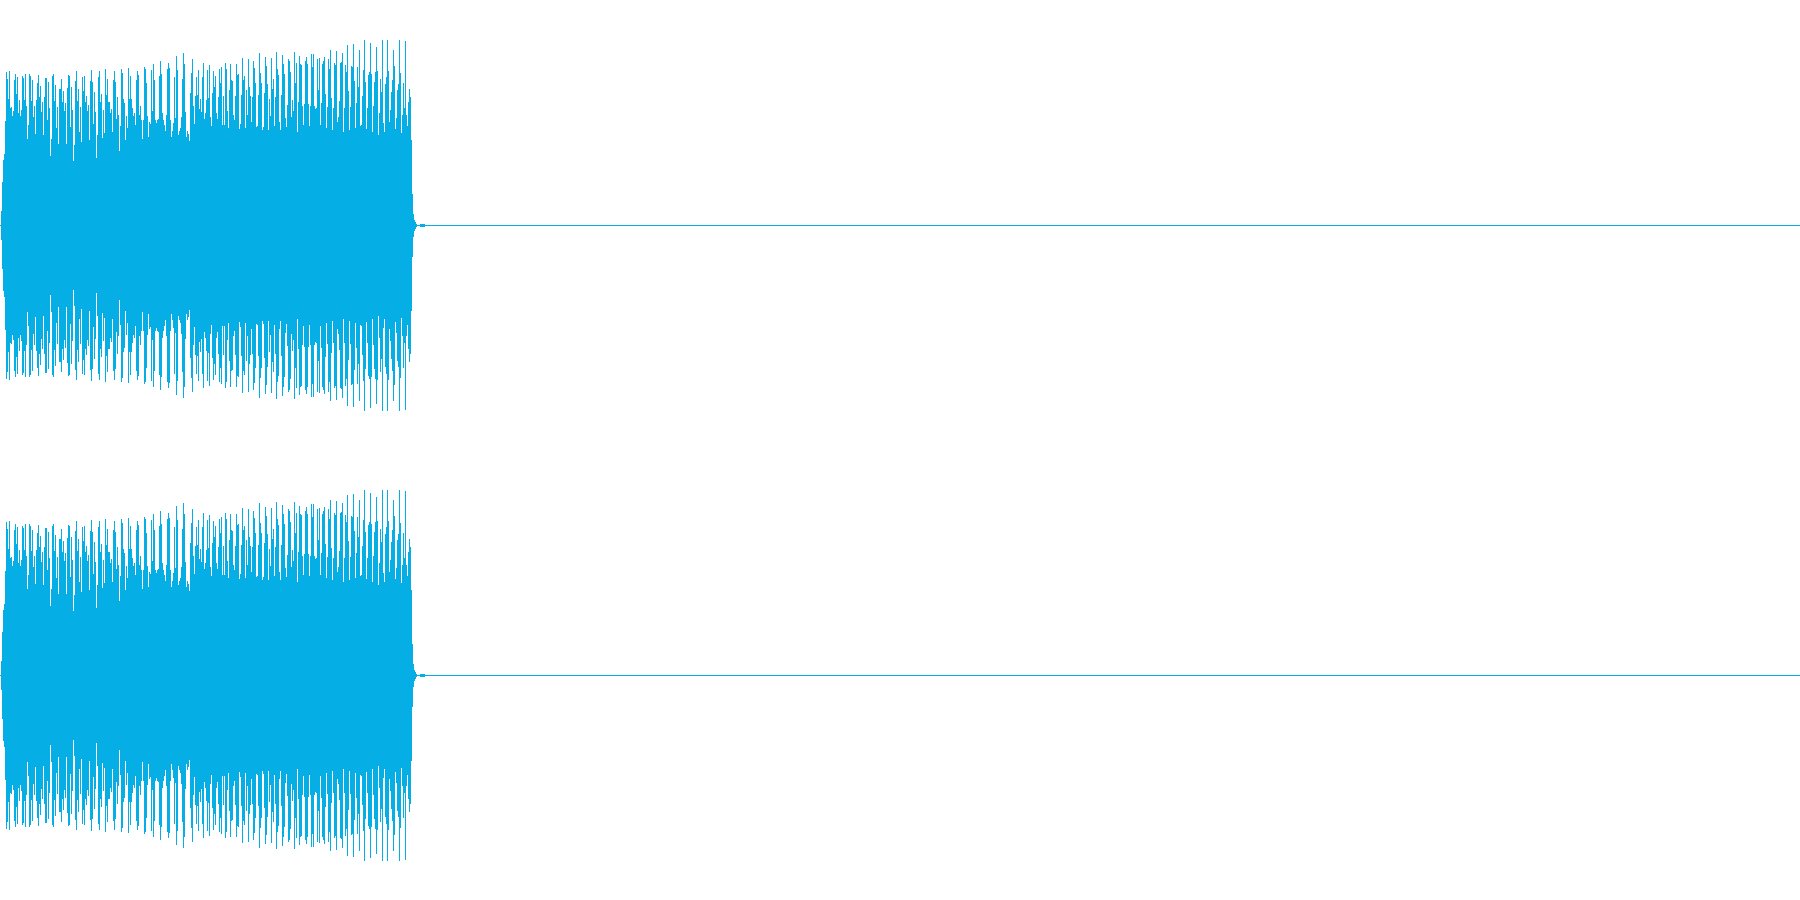 ボタンSE01-セレクト03(Down)の再生済みの波形